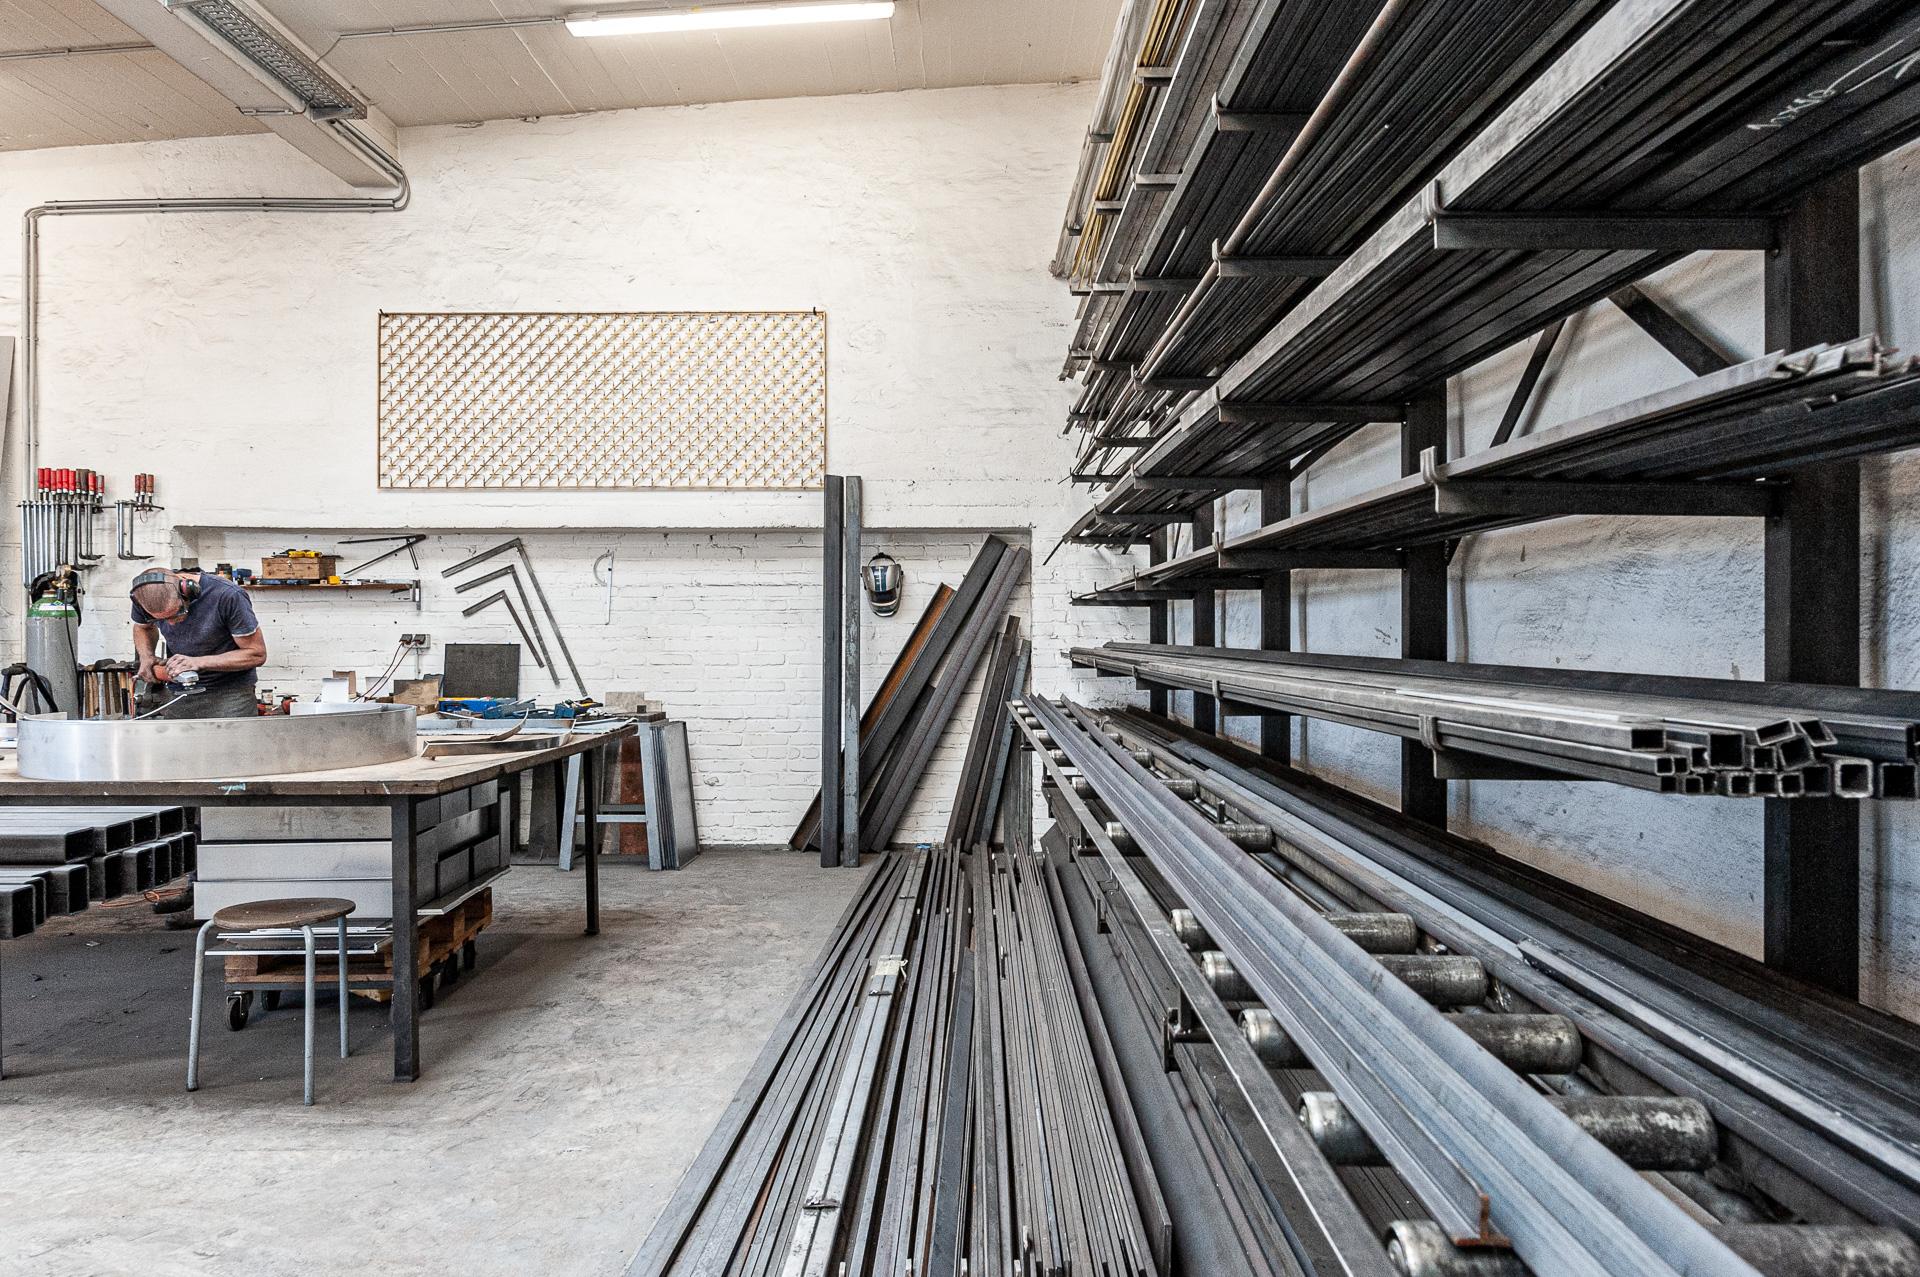 Lagerbereich der Werkstatt von Johannes Sitsen